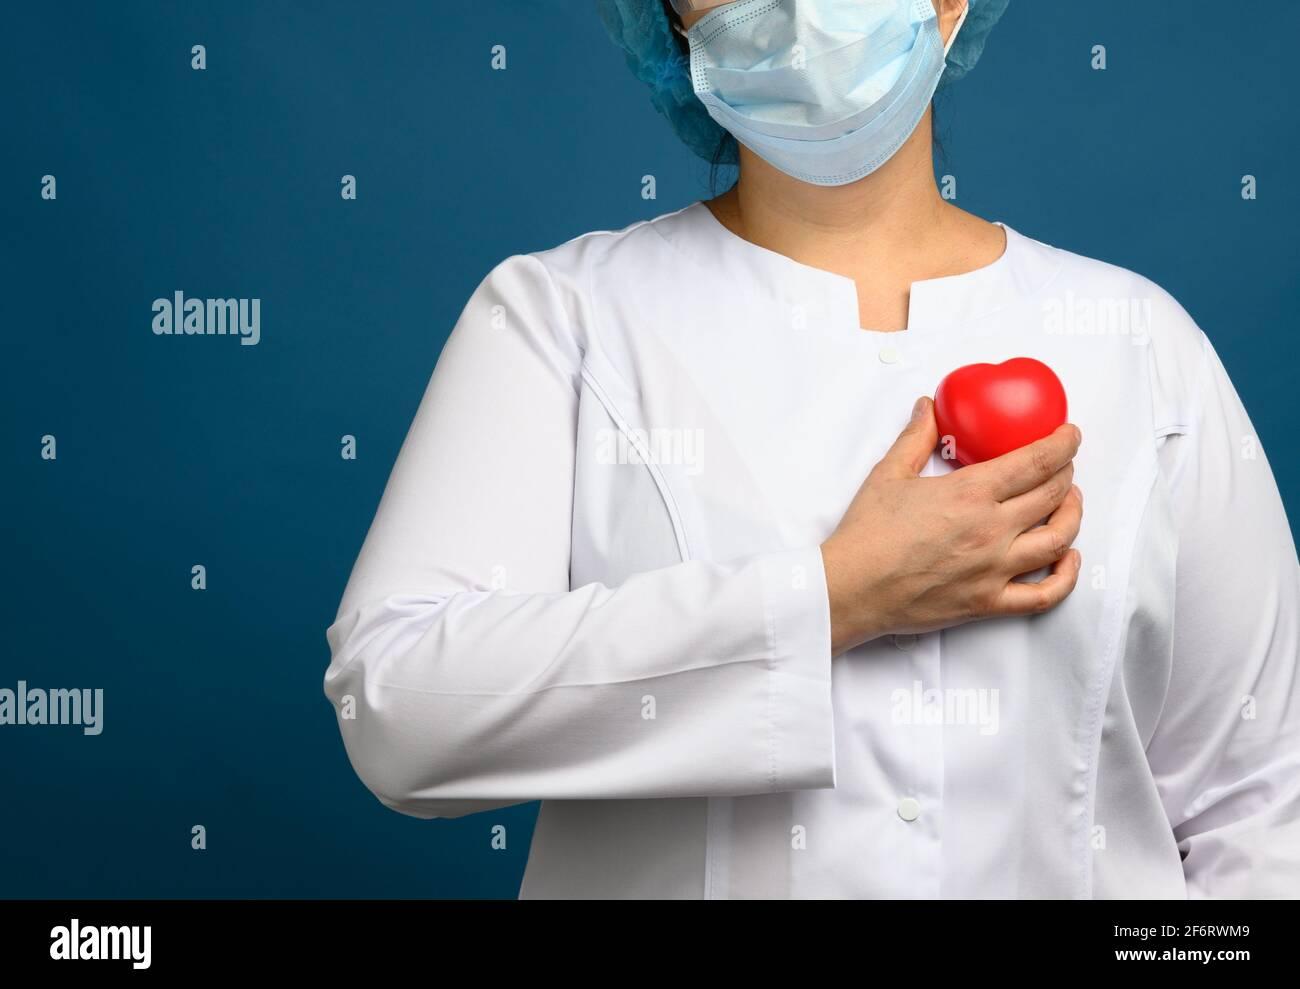 médico femenino en un abrigo blanco, una máscara se levanta y sostiene un corazón rojo sobre un fondo azul, el concepto de donación y amabilidad. Foto de stock